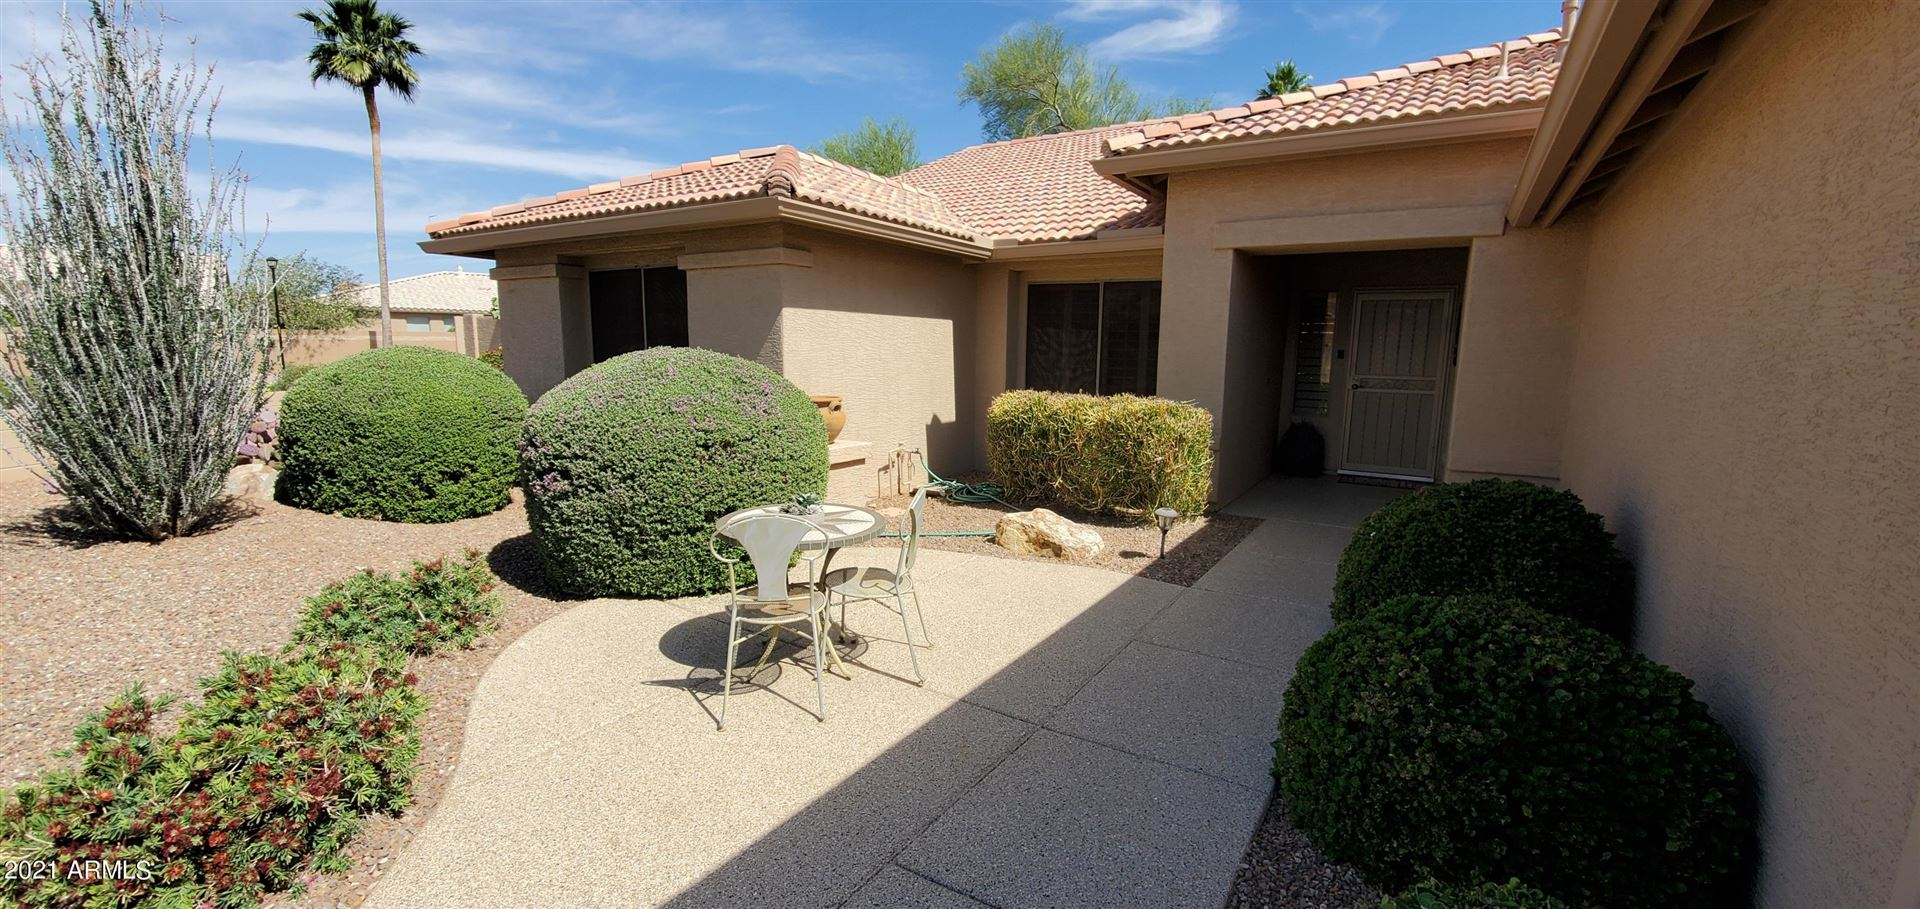 Photo of 9210 E ROCKY LAKE Drive, Sun Lakes, AZ 85248 (MLS # 6232485)